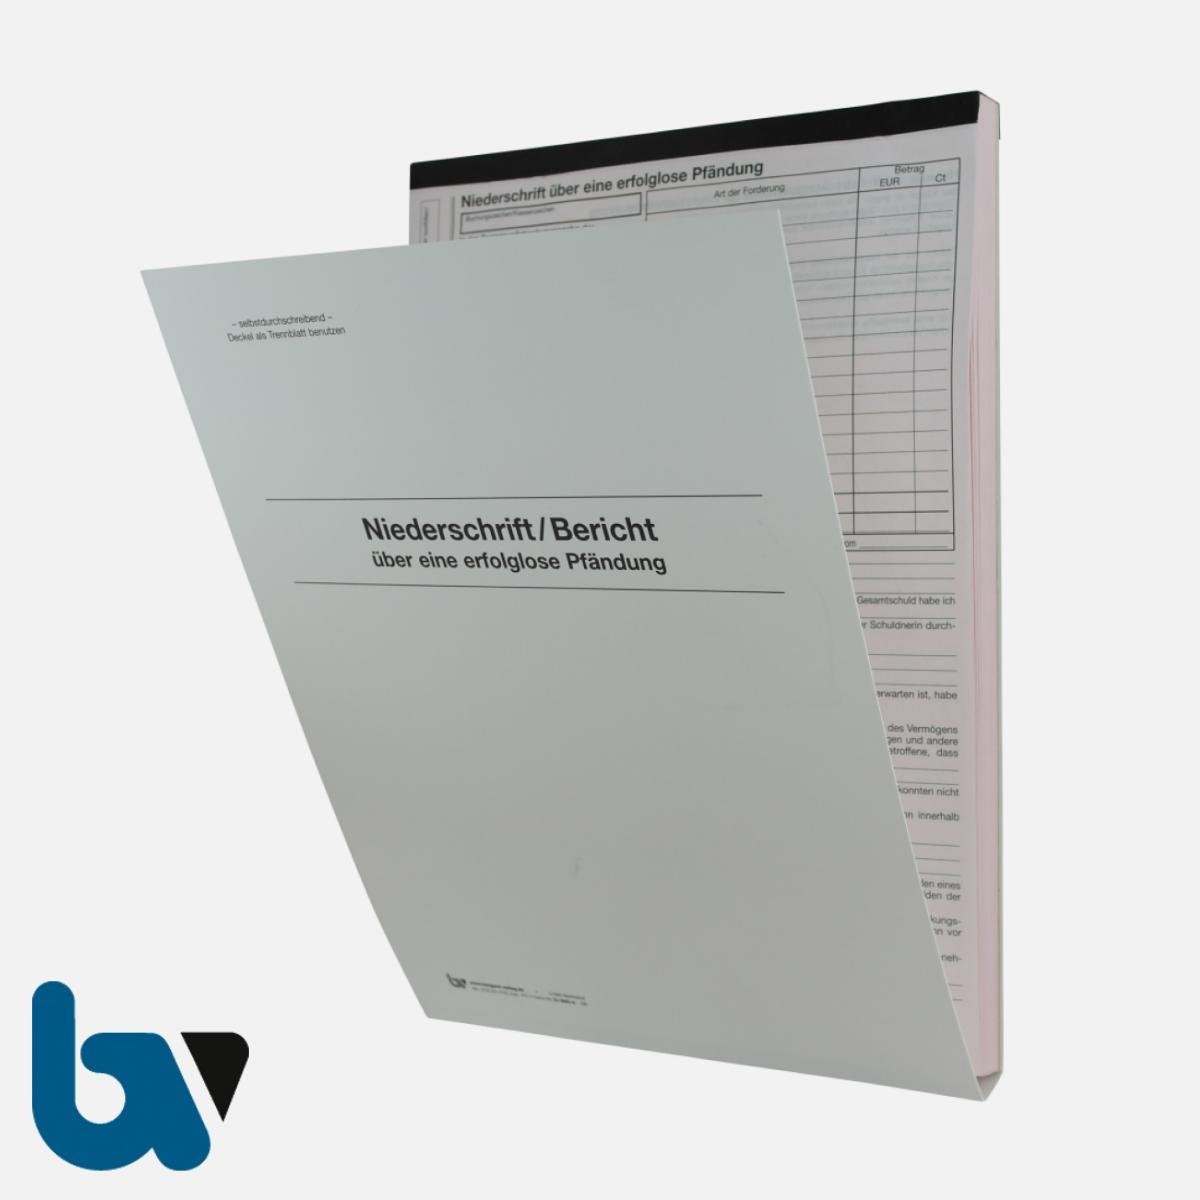 0/842-4 Niederschrift Bericht erfolglos fruchtlos Pfändung Einschlagdeckel Durchschreibeschutz Schreibschutzdeckel perforiert 2 mal 2-fach selbstdurchschreibend DIN A4 Außen | Borgard Verlag GmbH